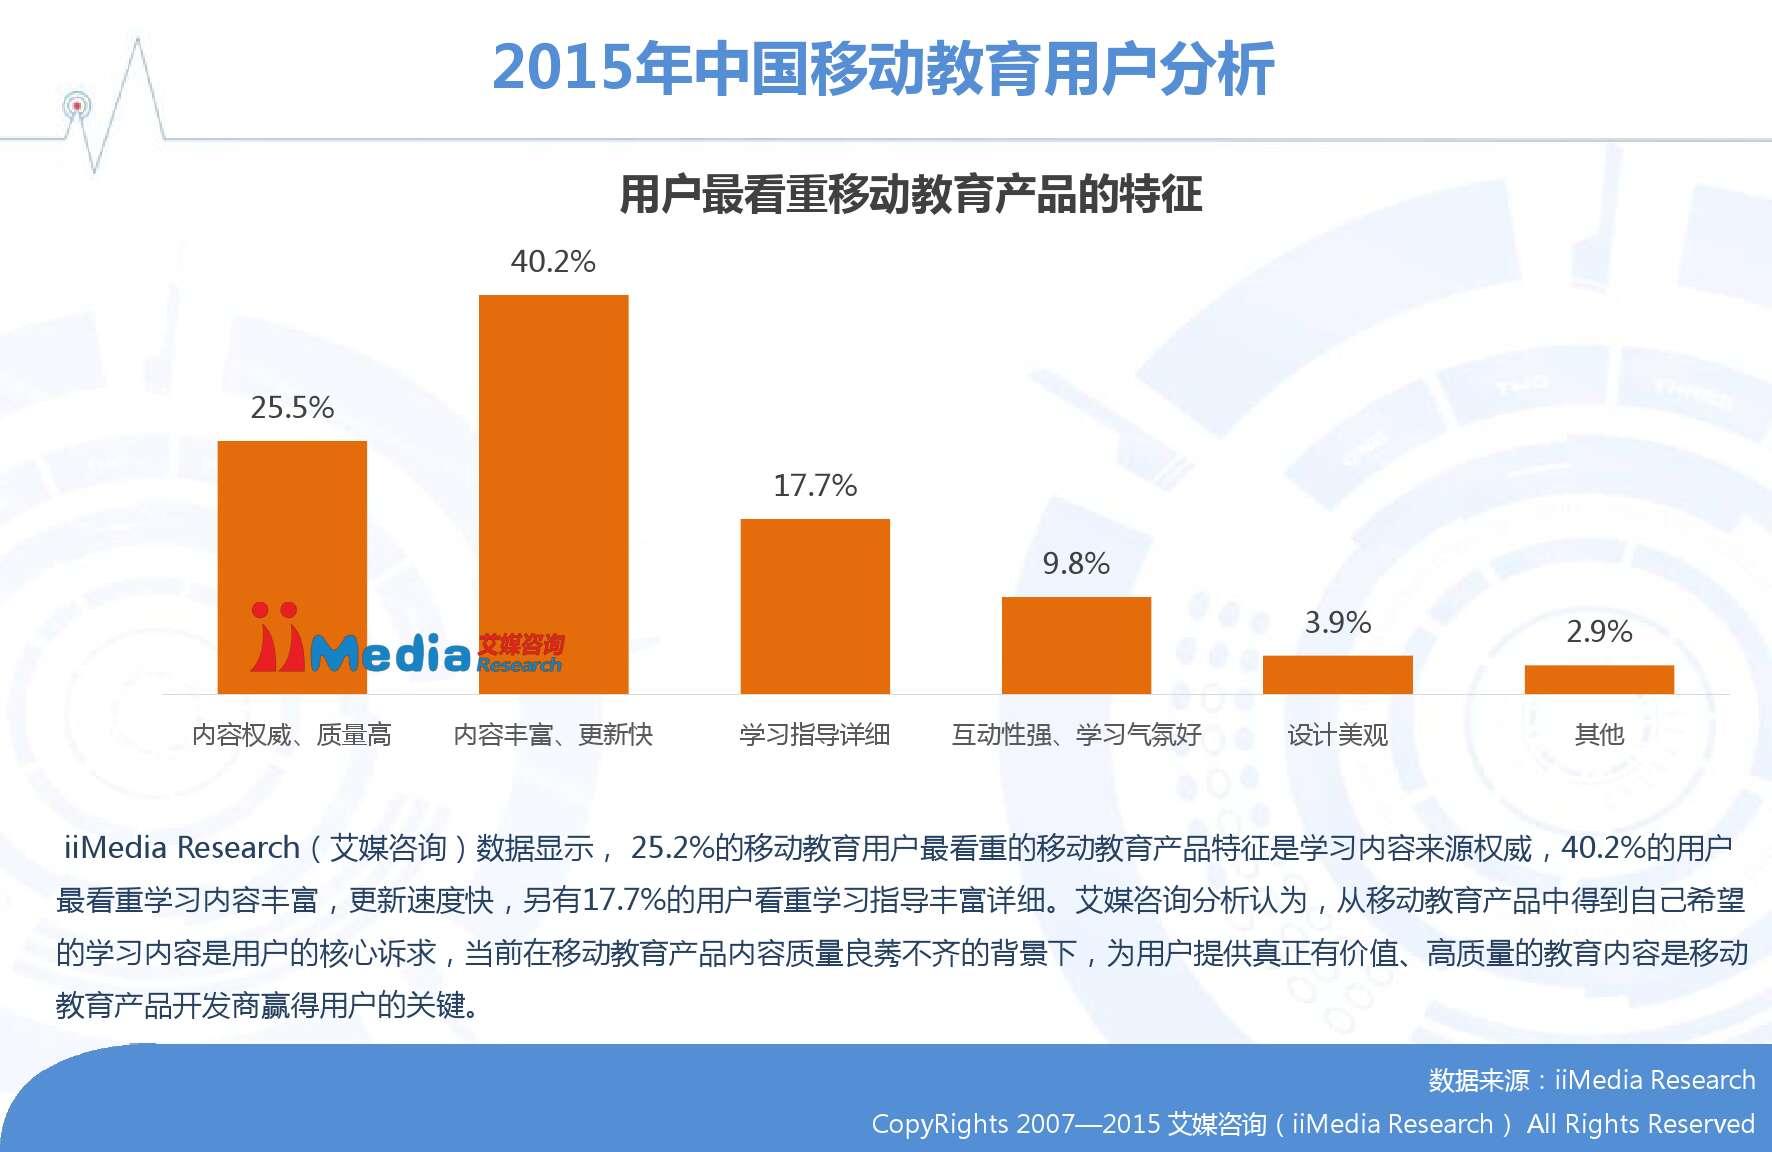 2015-2016年中国移动教育市场研究报告_000025